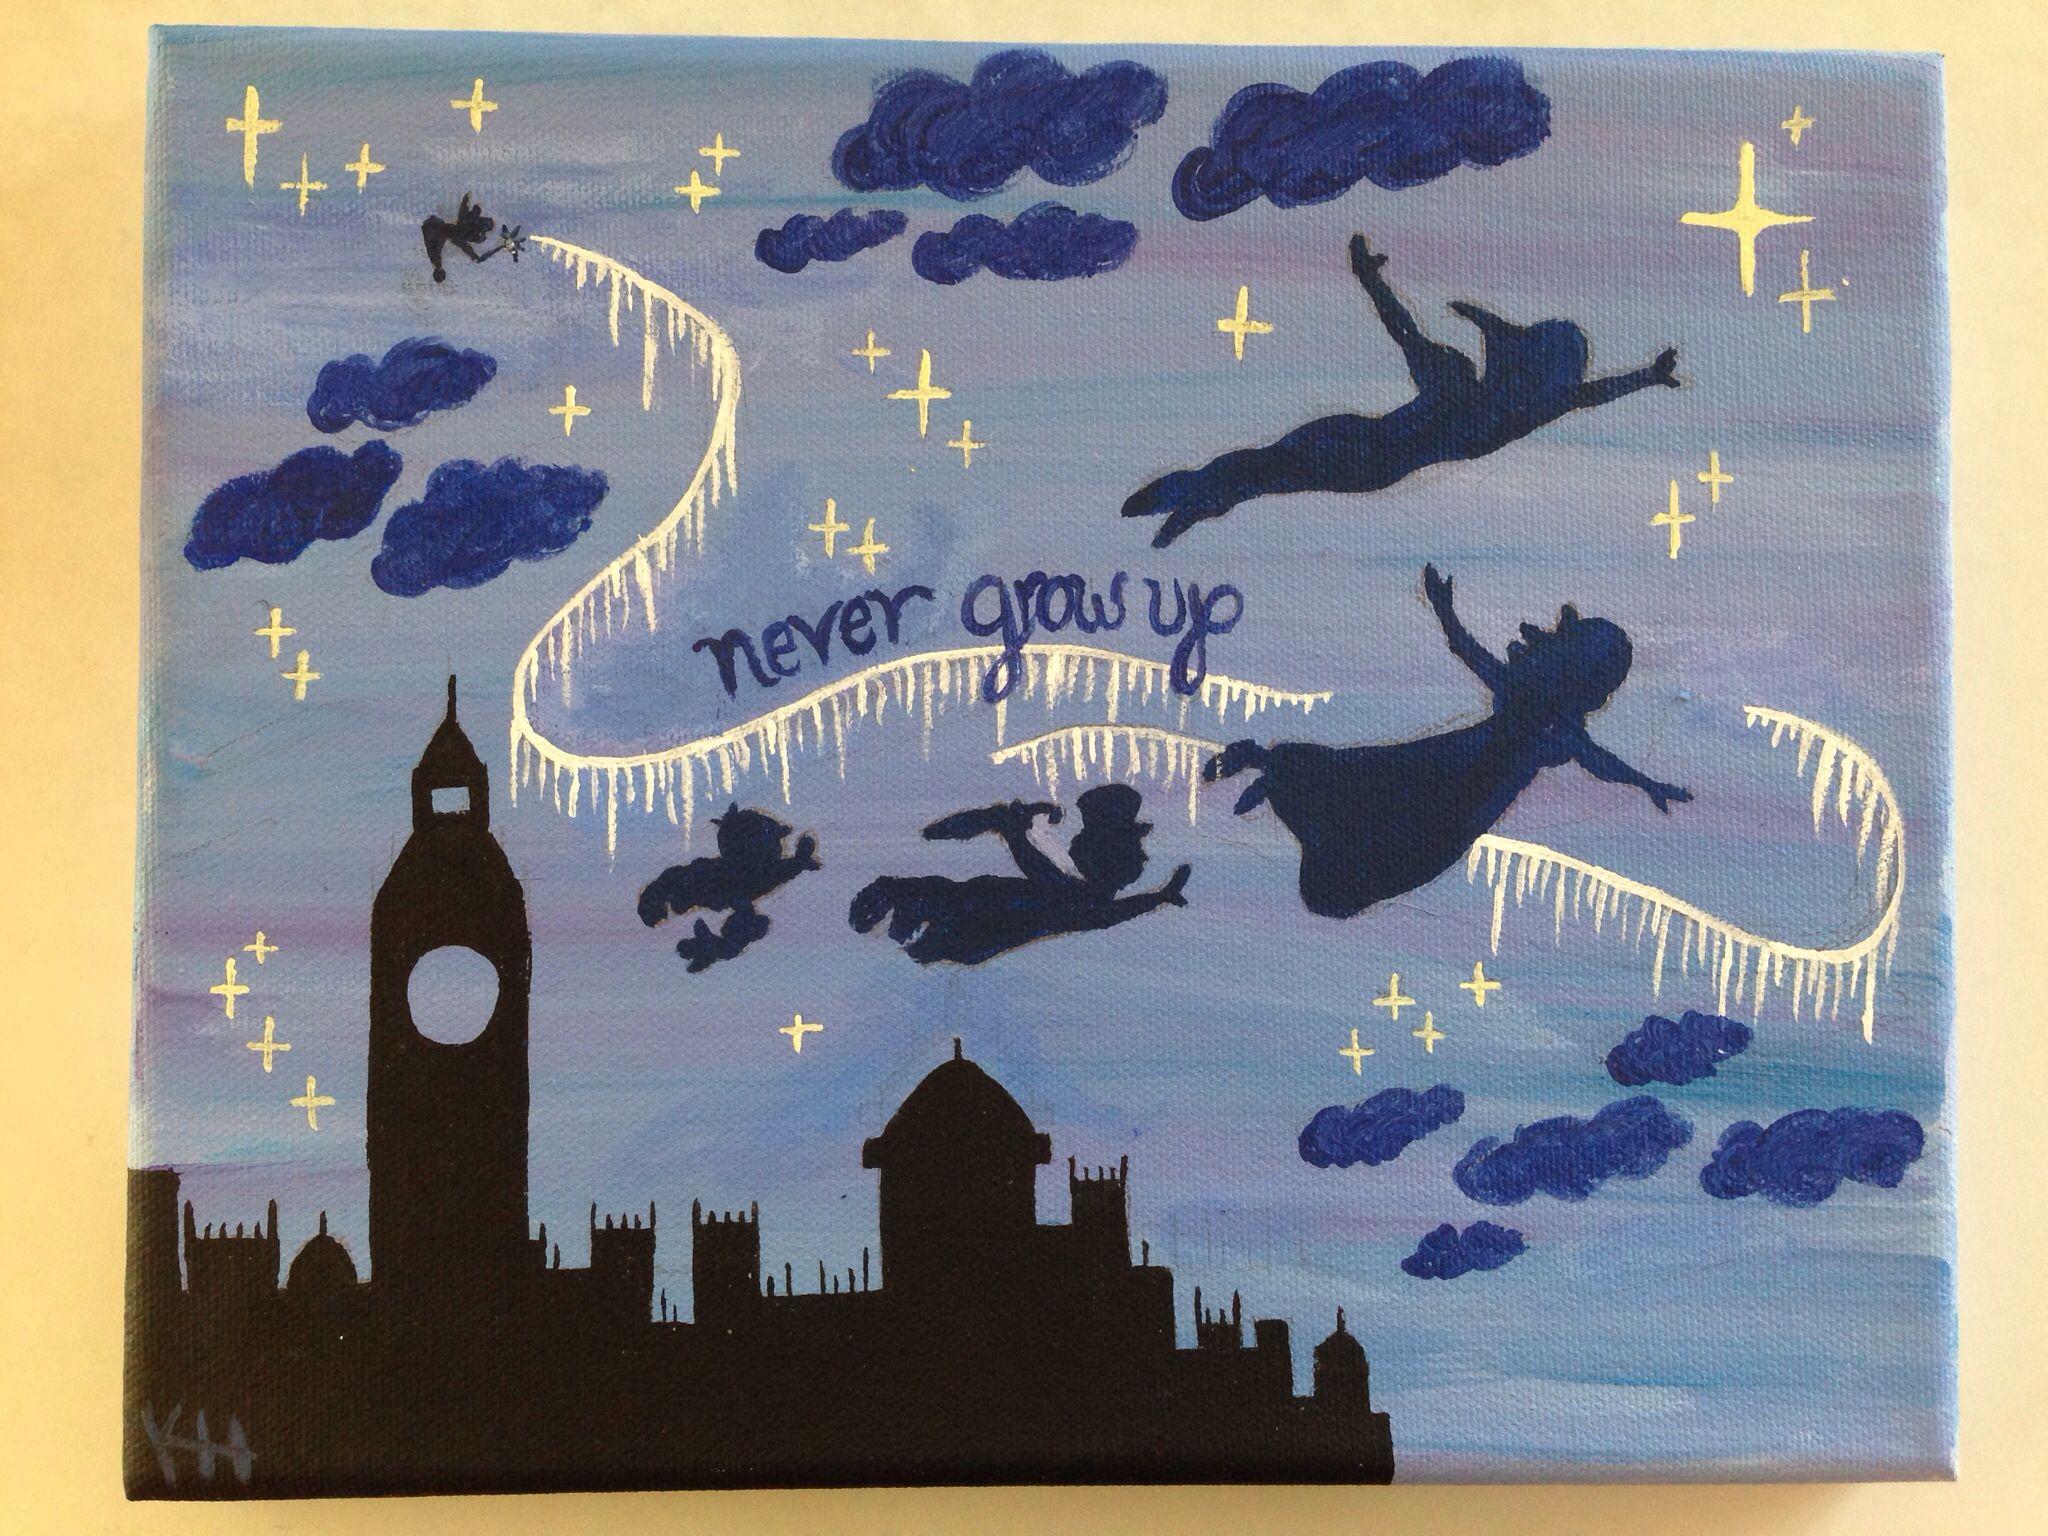 Peter Pan Never Grow Up Wallpaper